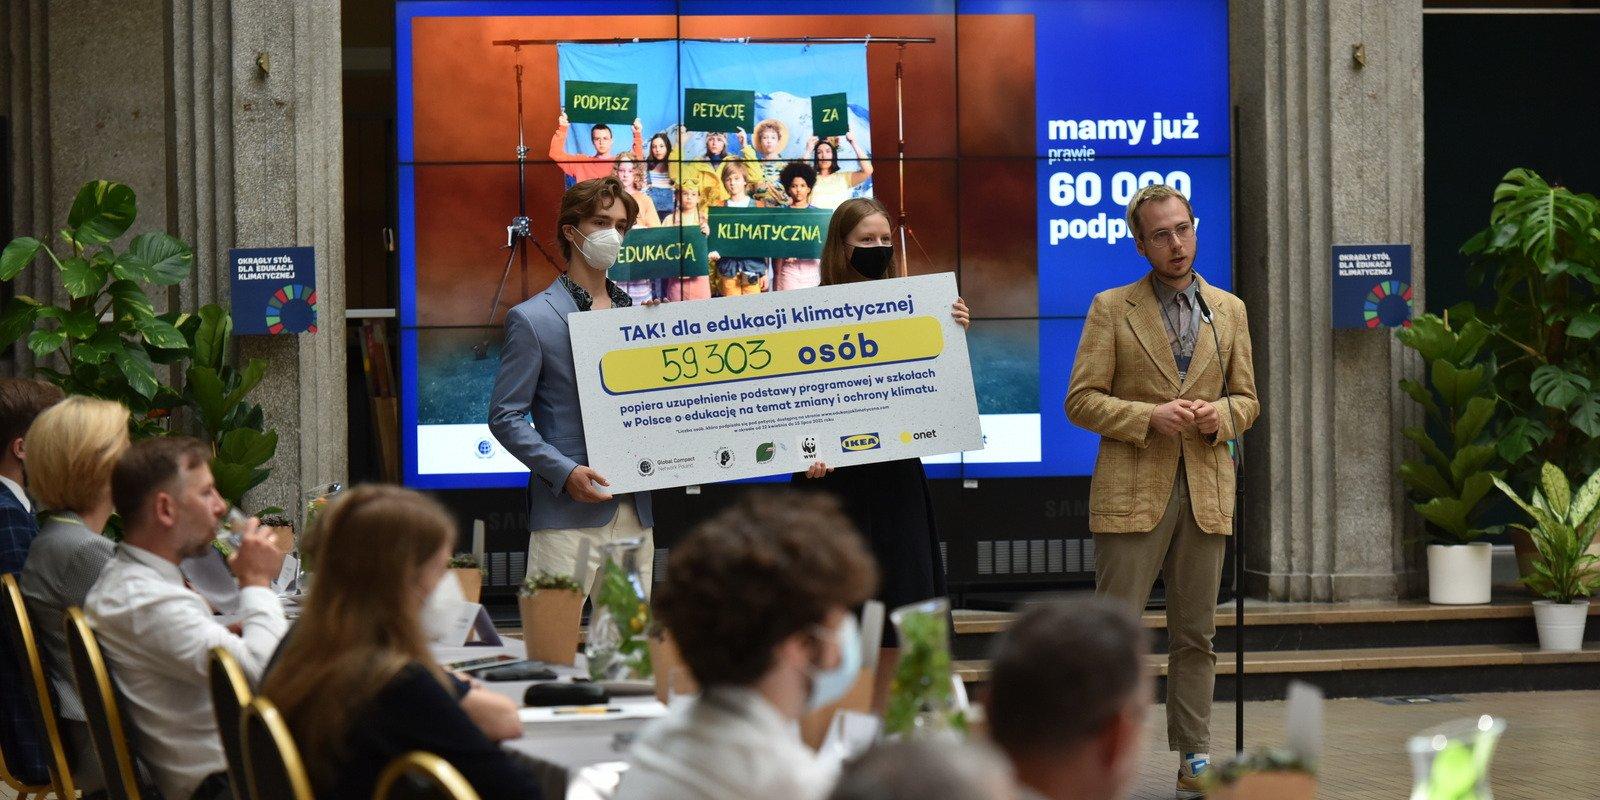 Blisko 60 tys. podpisów pod petycją za edukacją klimatyczną - rząd jest otwarty na rozmowy o zmianach programowych w nauczaniu